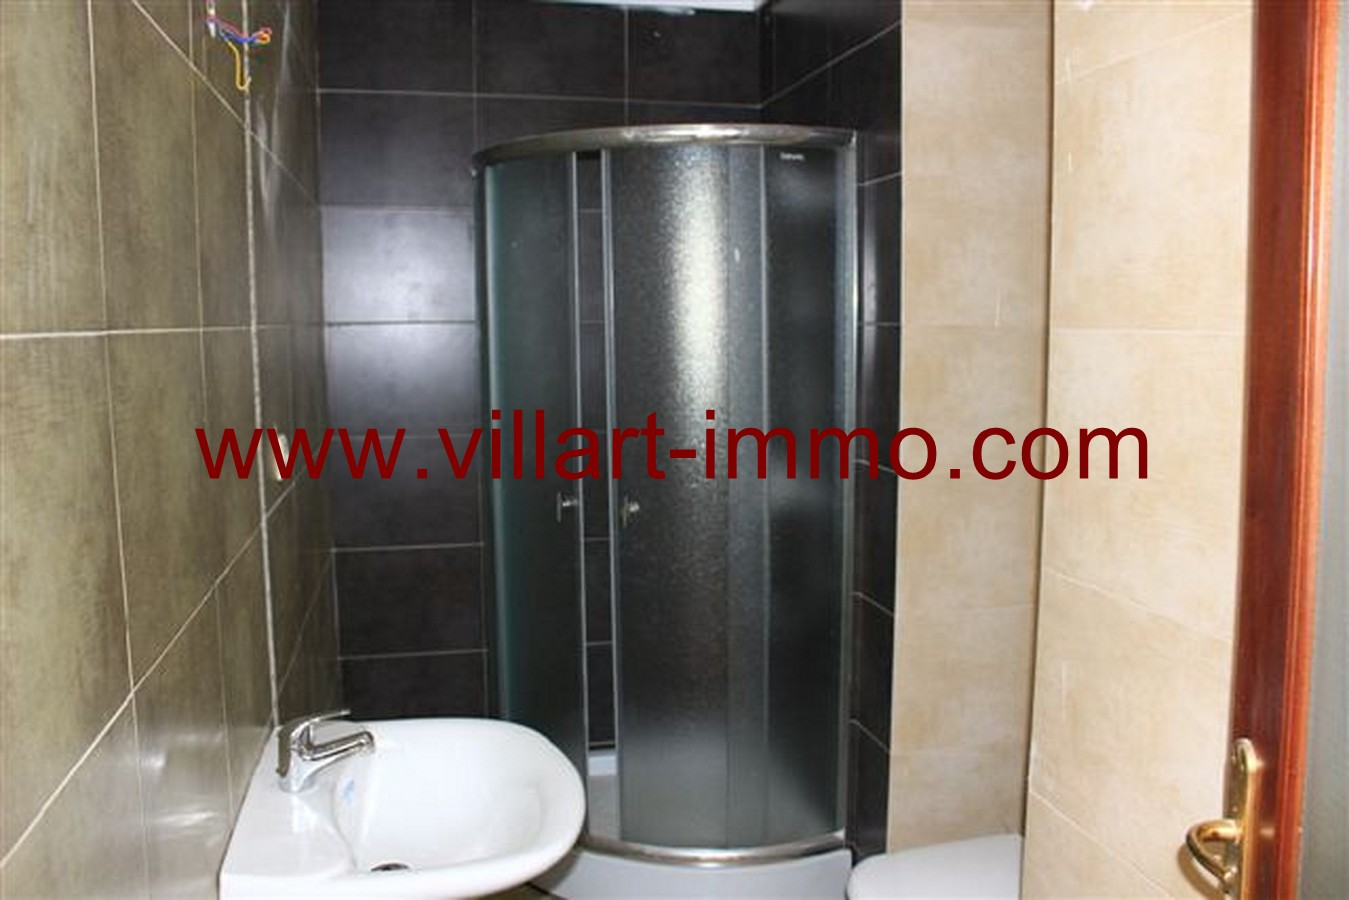 14-Vente-Villa-tanger-Malabata-MIR-1-Villart Immo